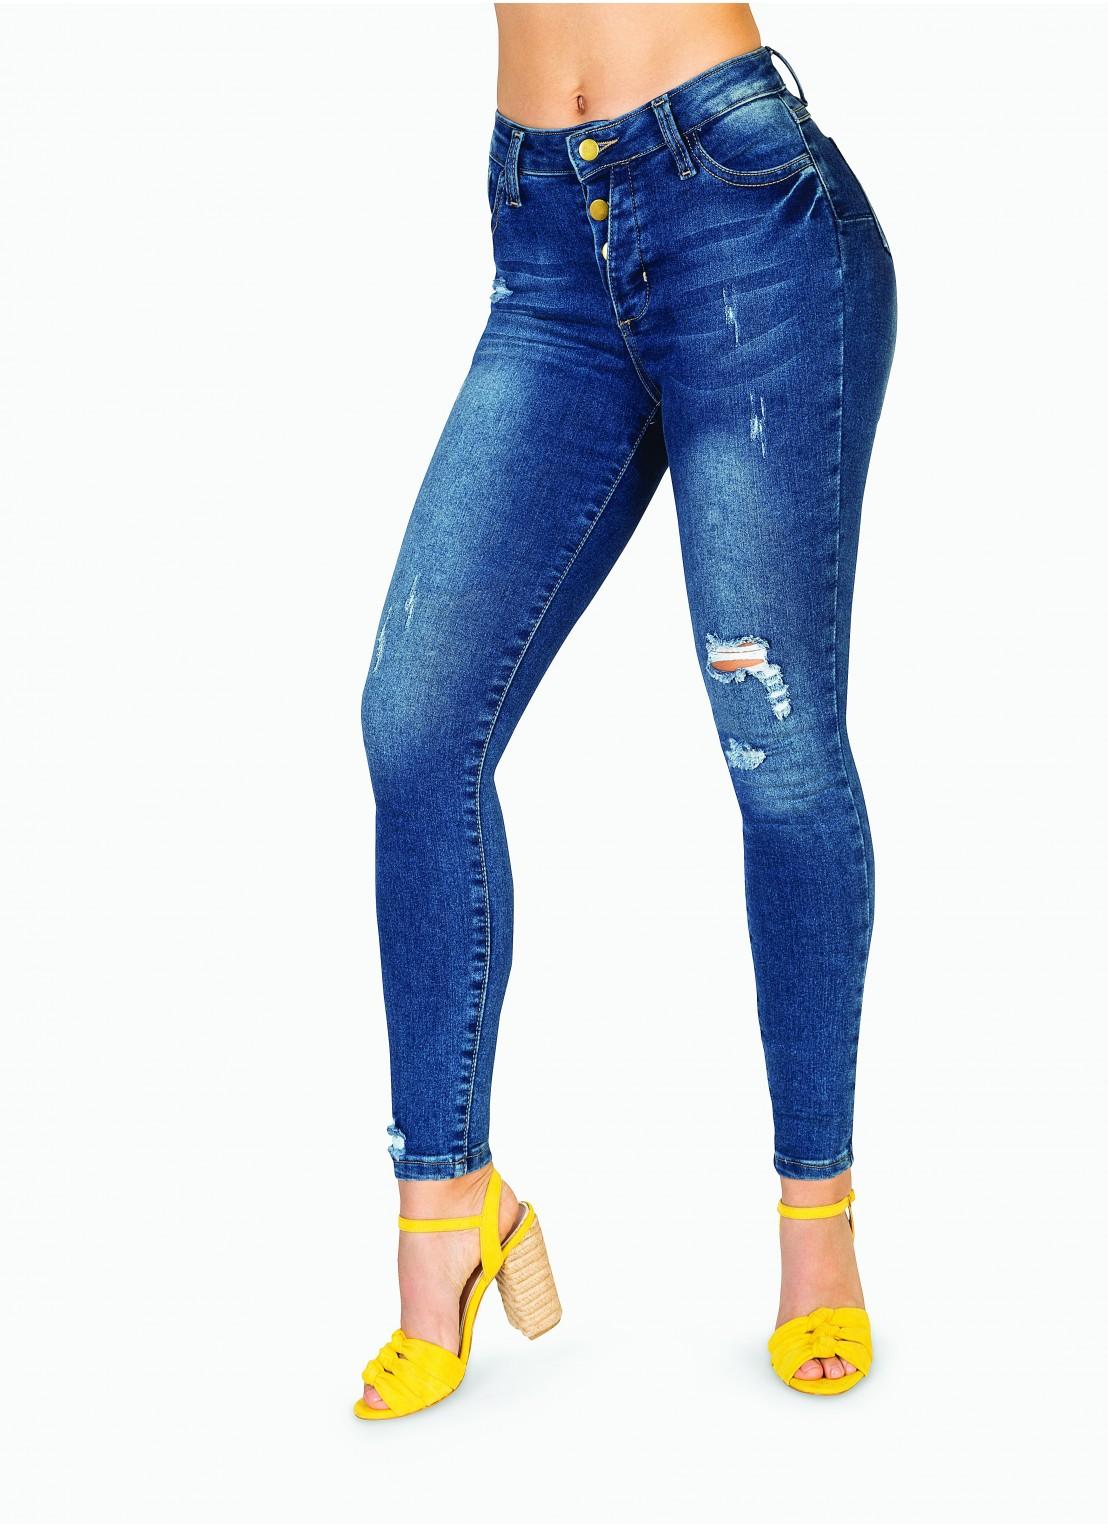 Jeans tobillero mezclilla